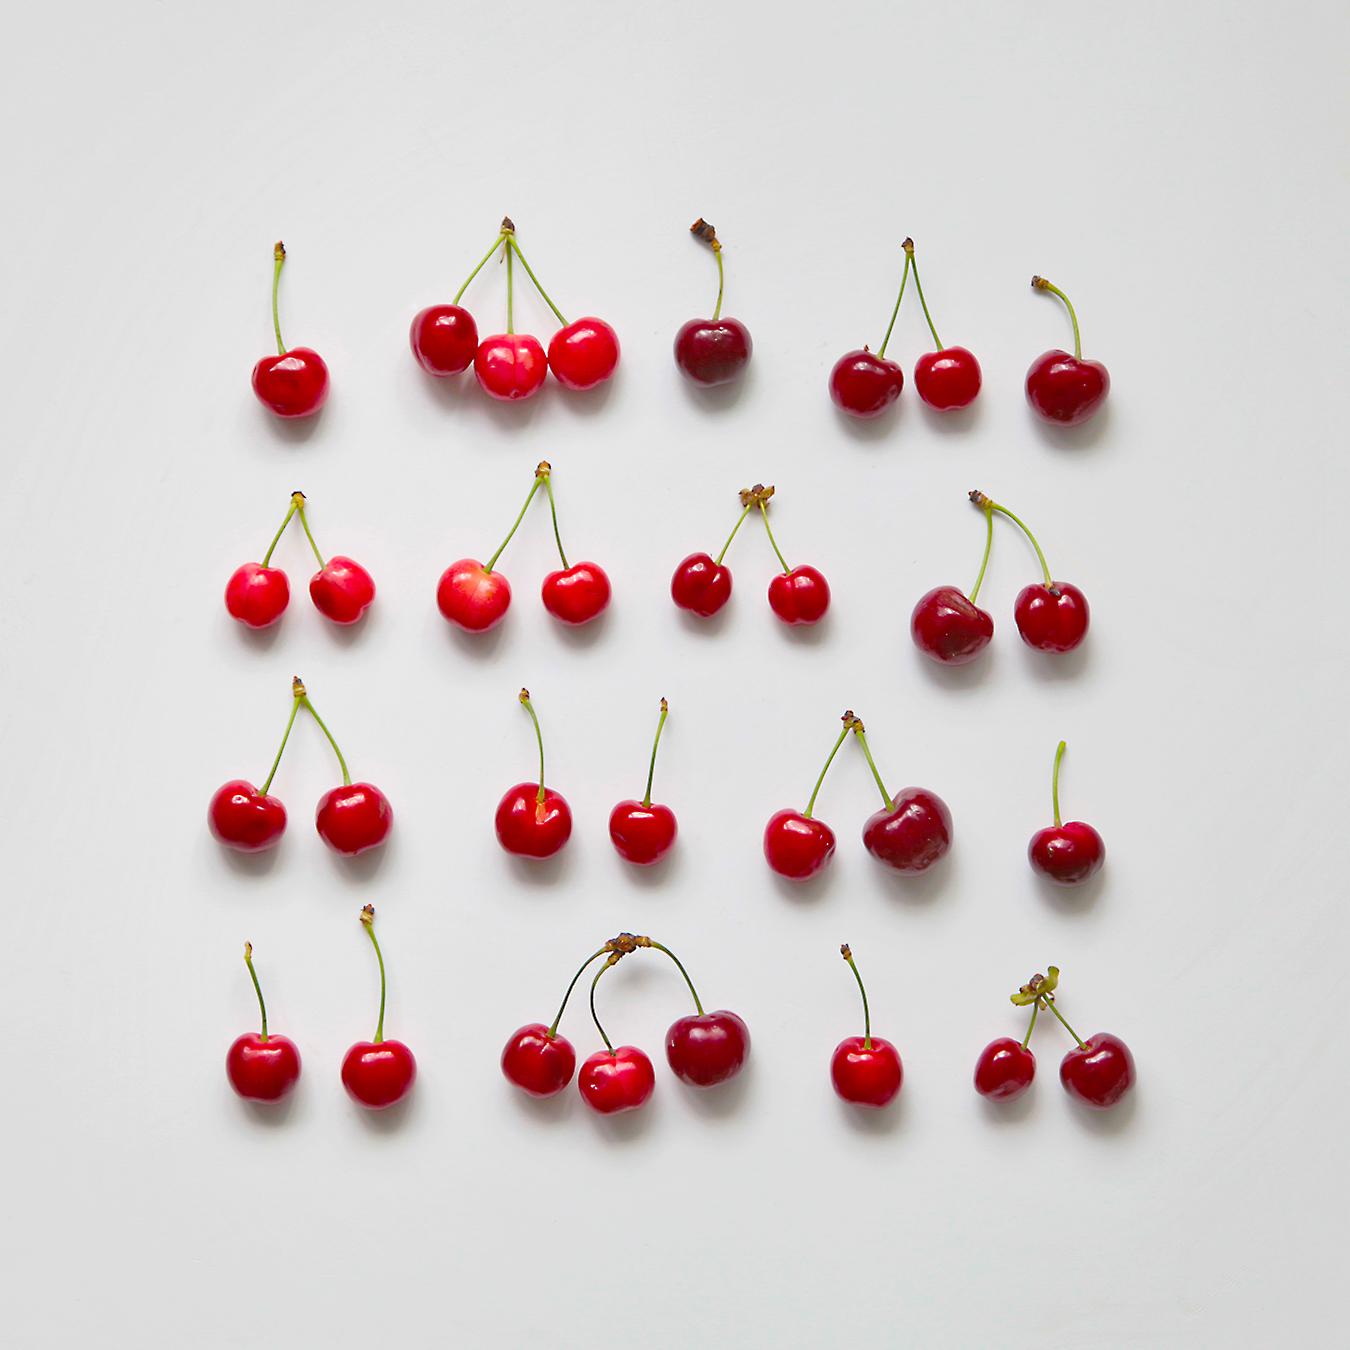 minimalistic cherries photo